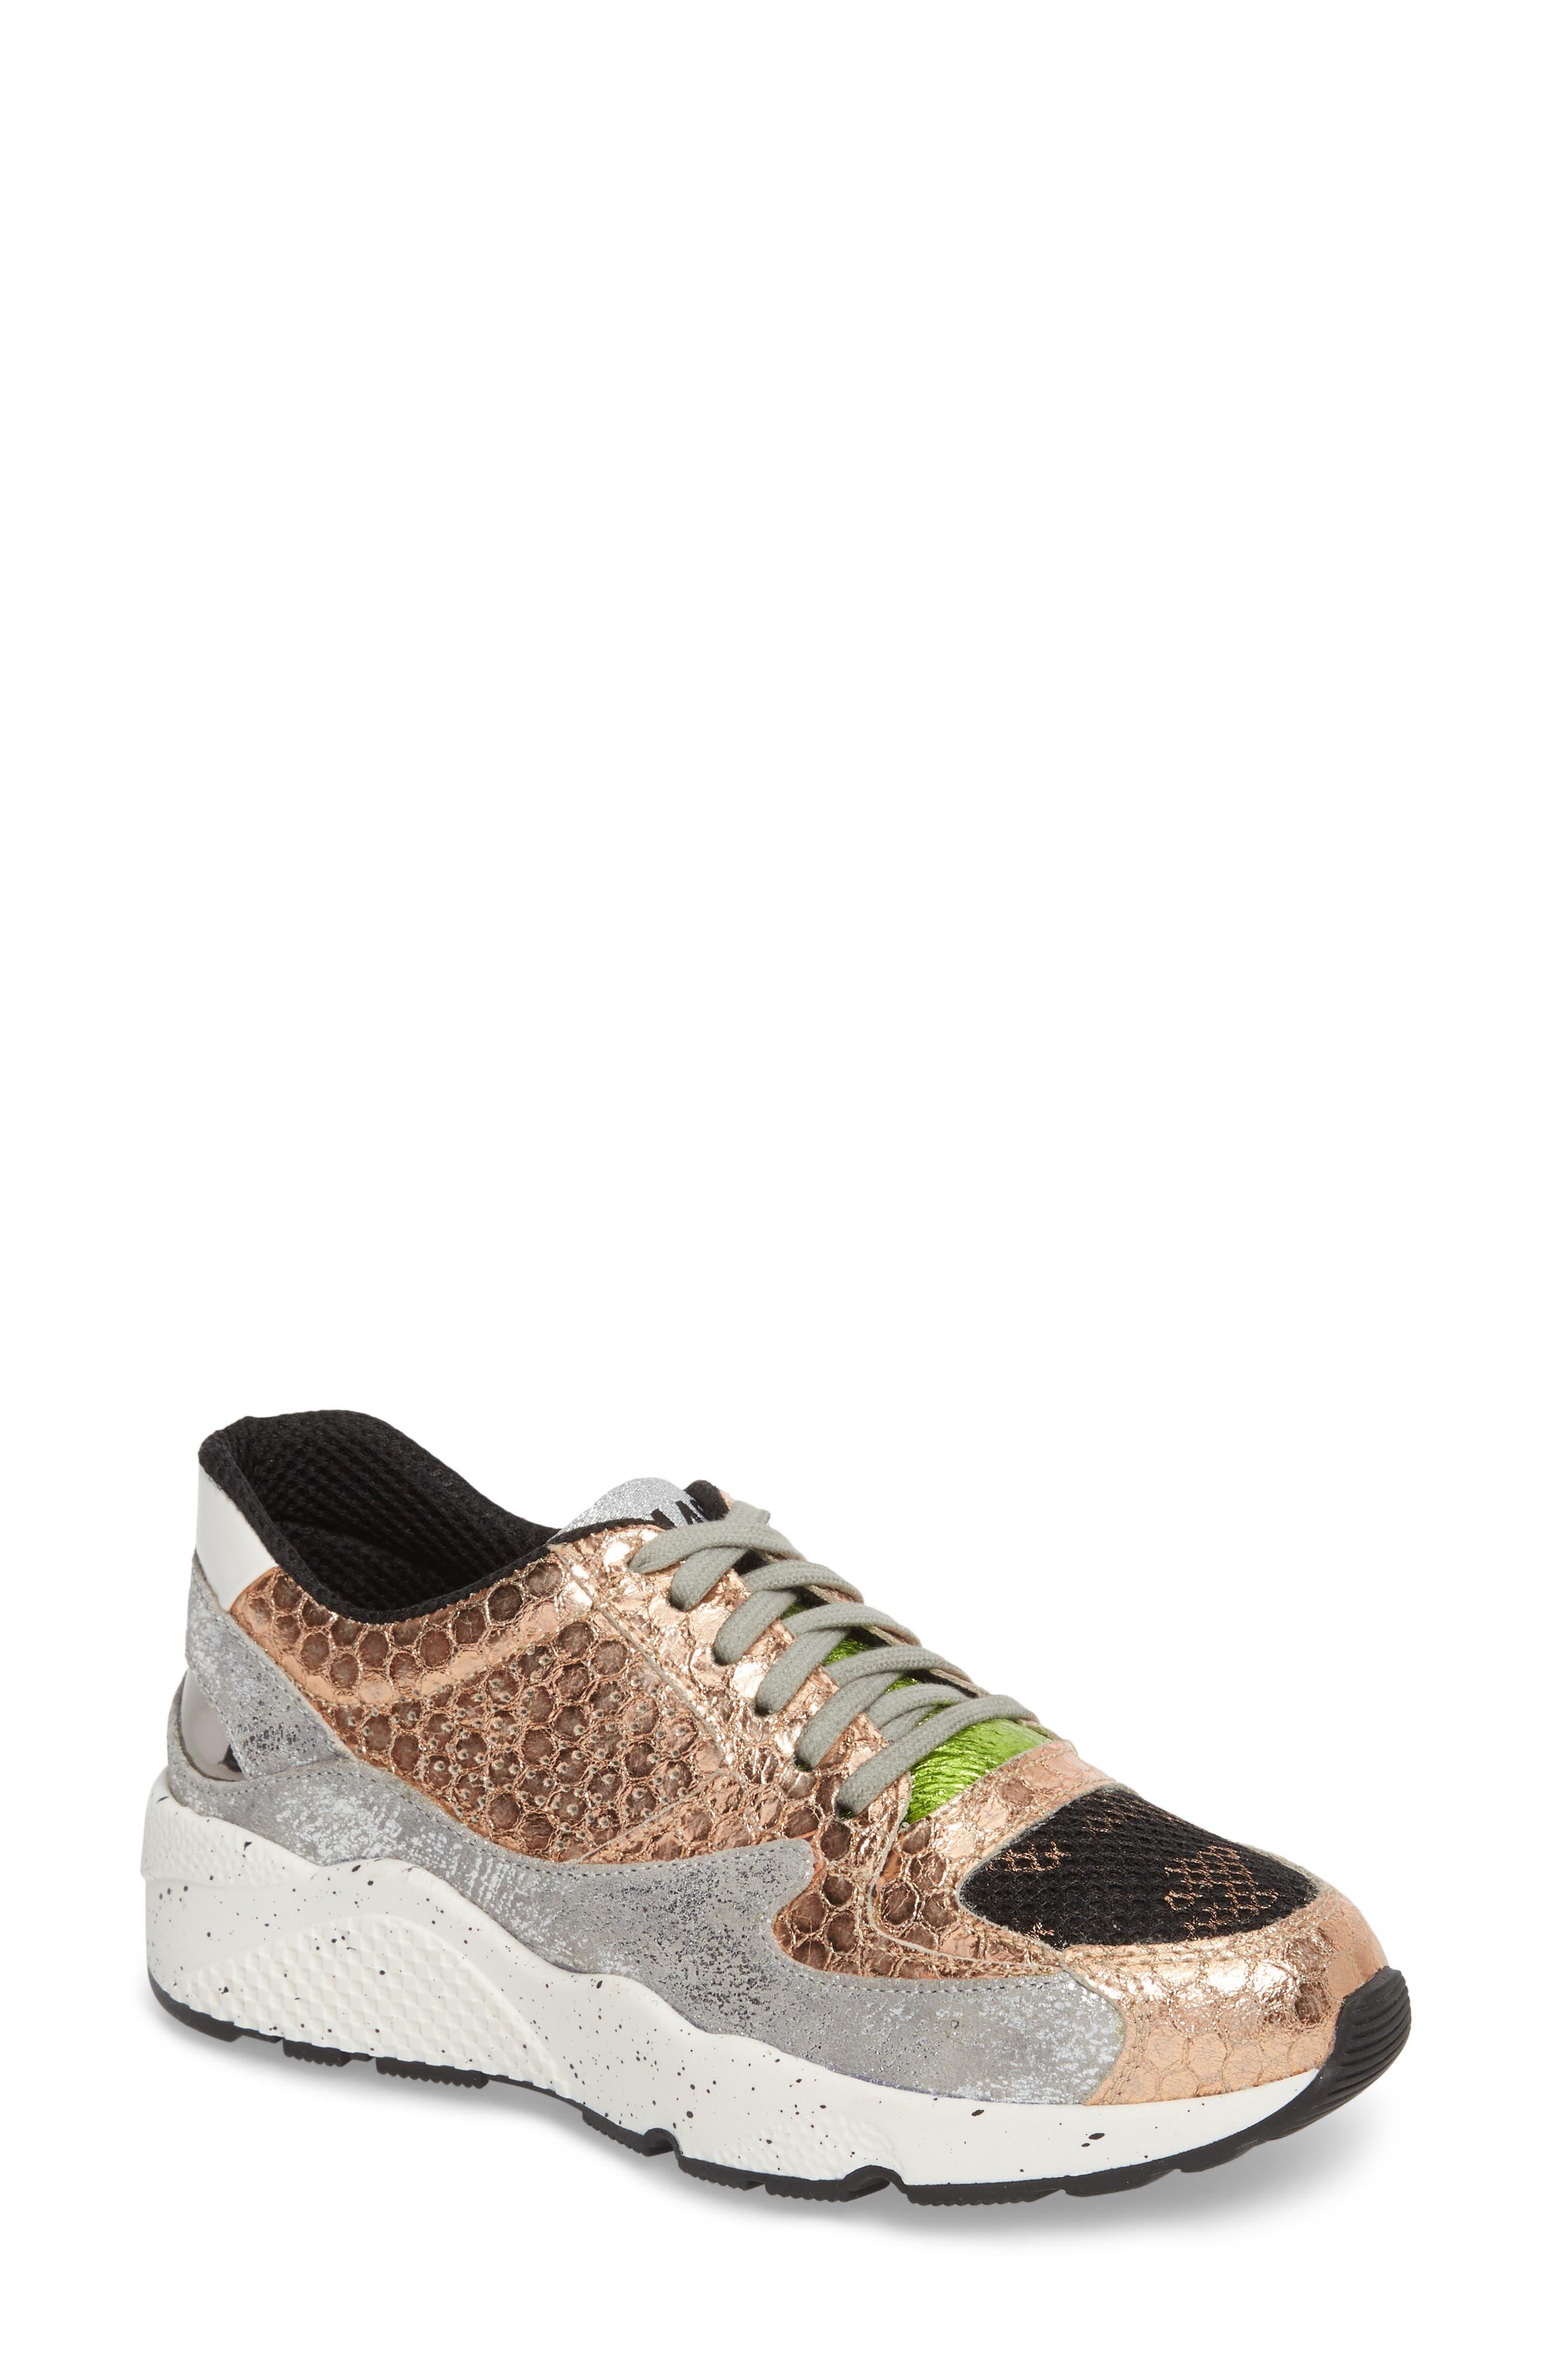 America Sneaker,                         Main,                         color, Turner